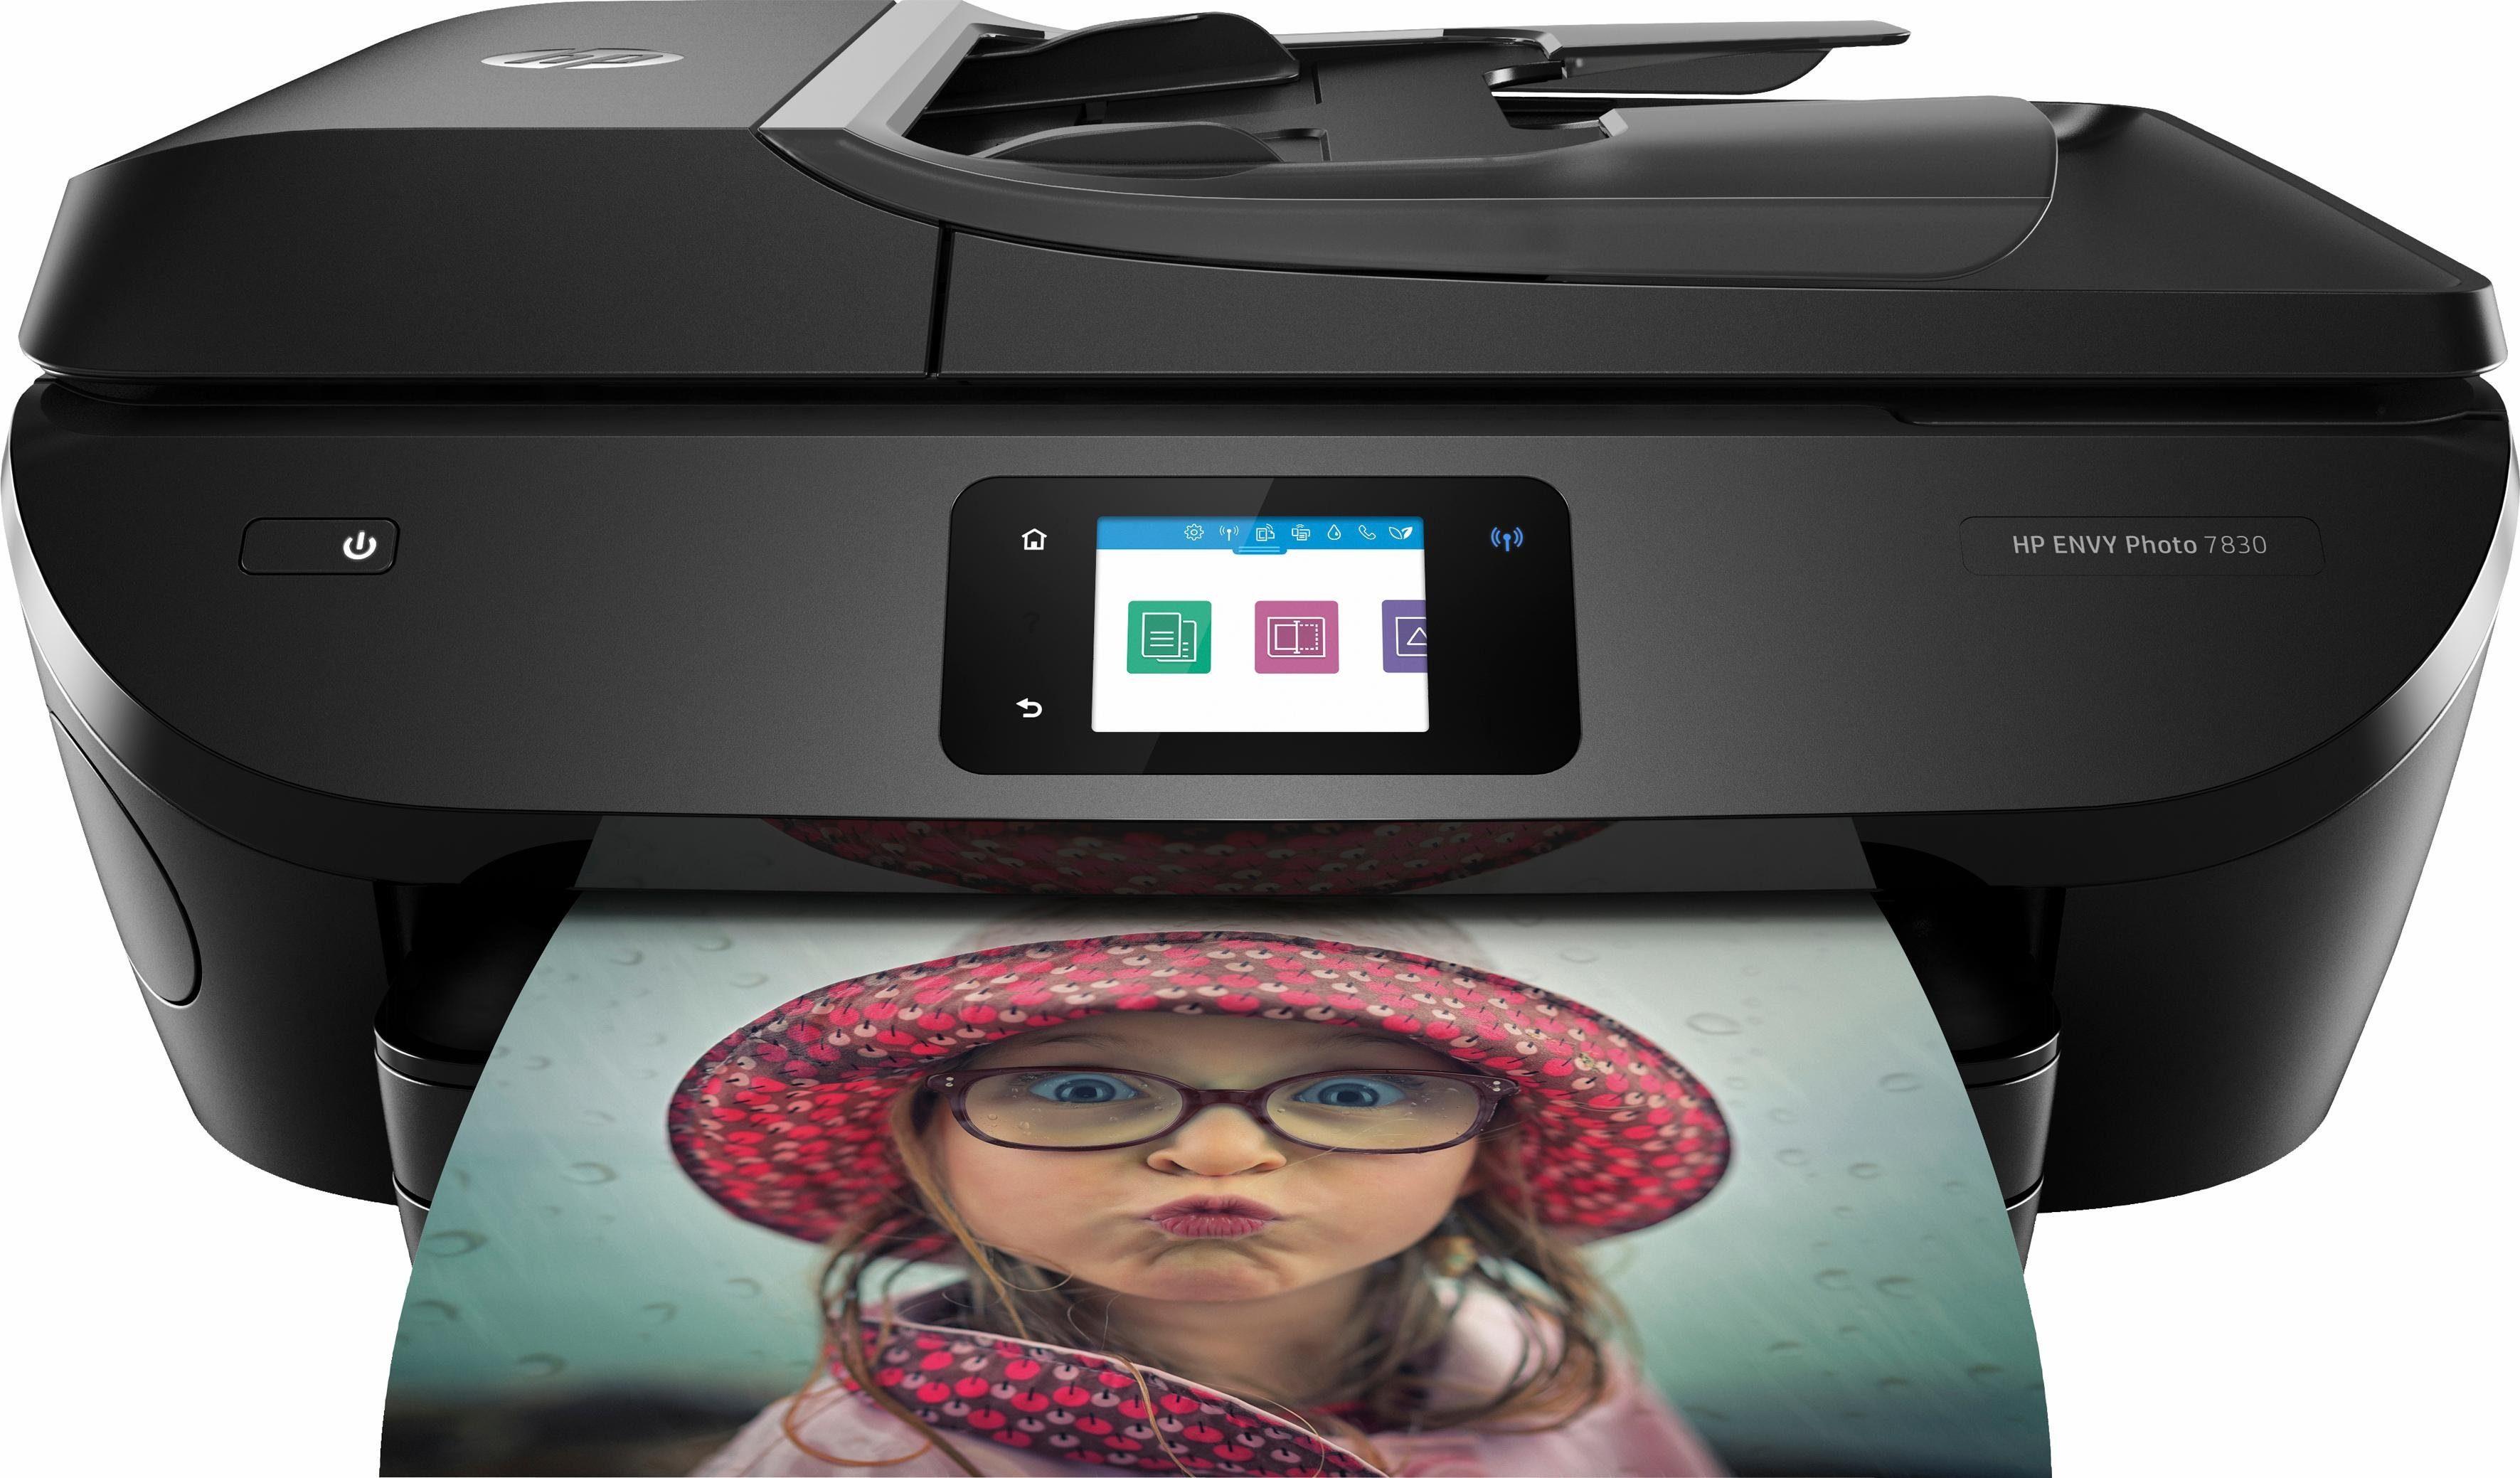 HP ENVY Photo 7830 All-in-One-Drucker Multifunktionsdrucker